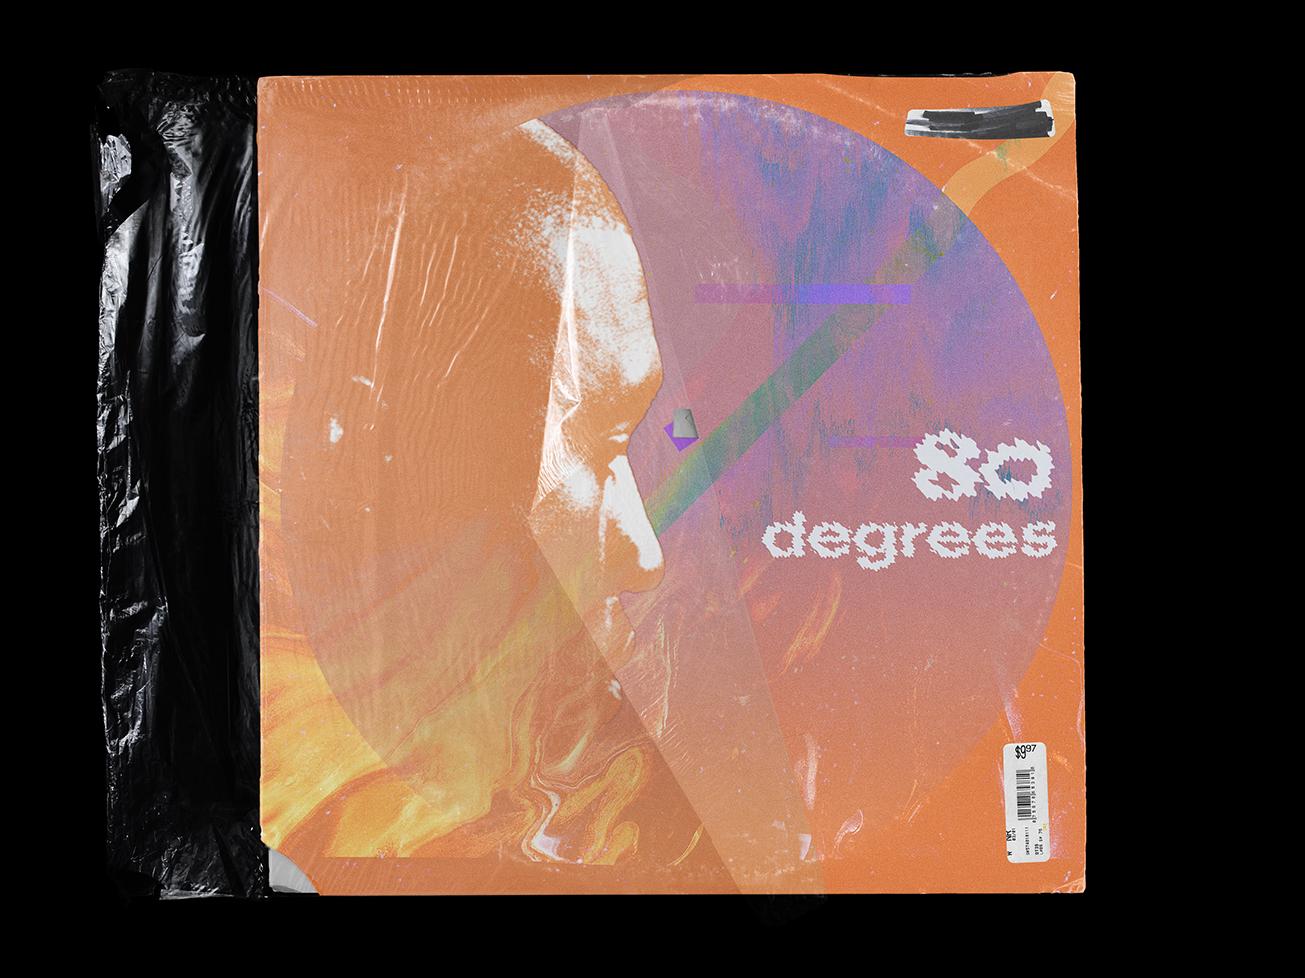 80 Degrees Album Cover by Charlie Lederer   Dribbble   Dribbble